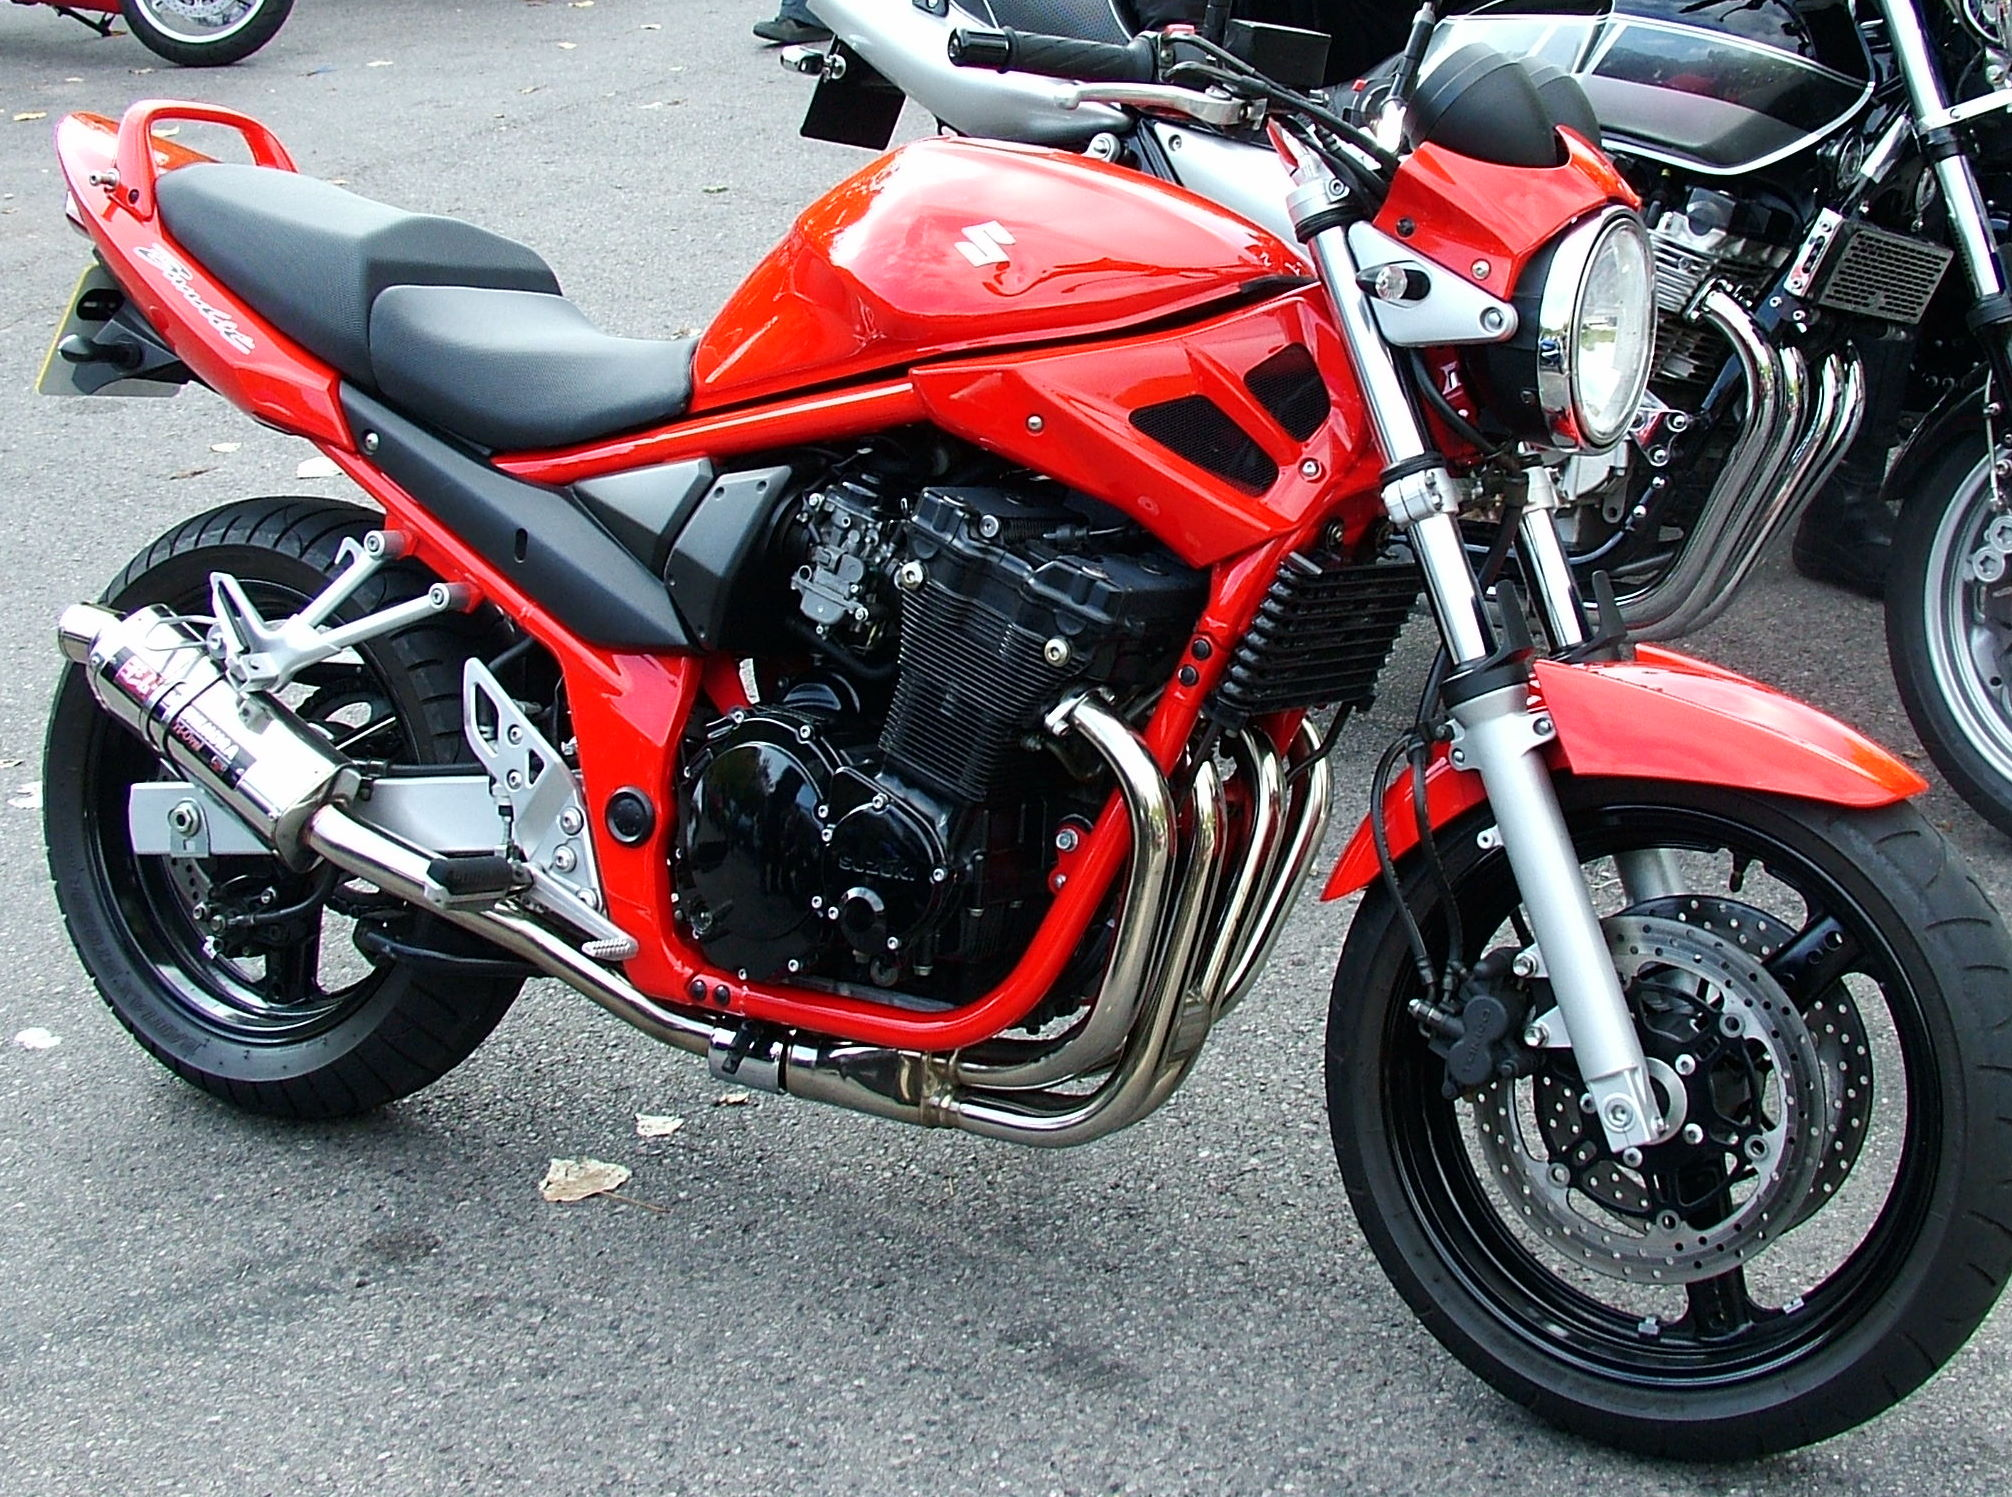 Suzuki Bandit Engine Size